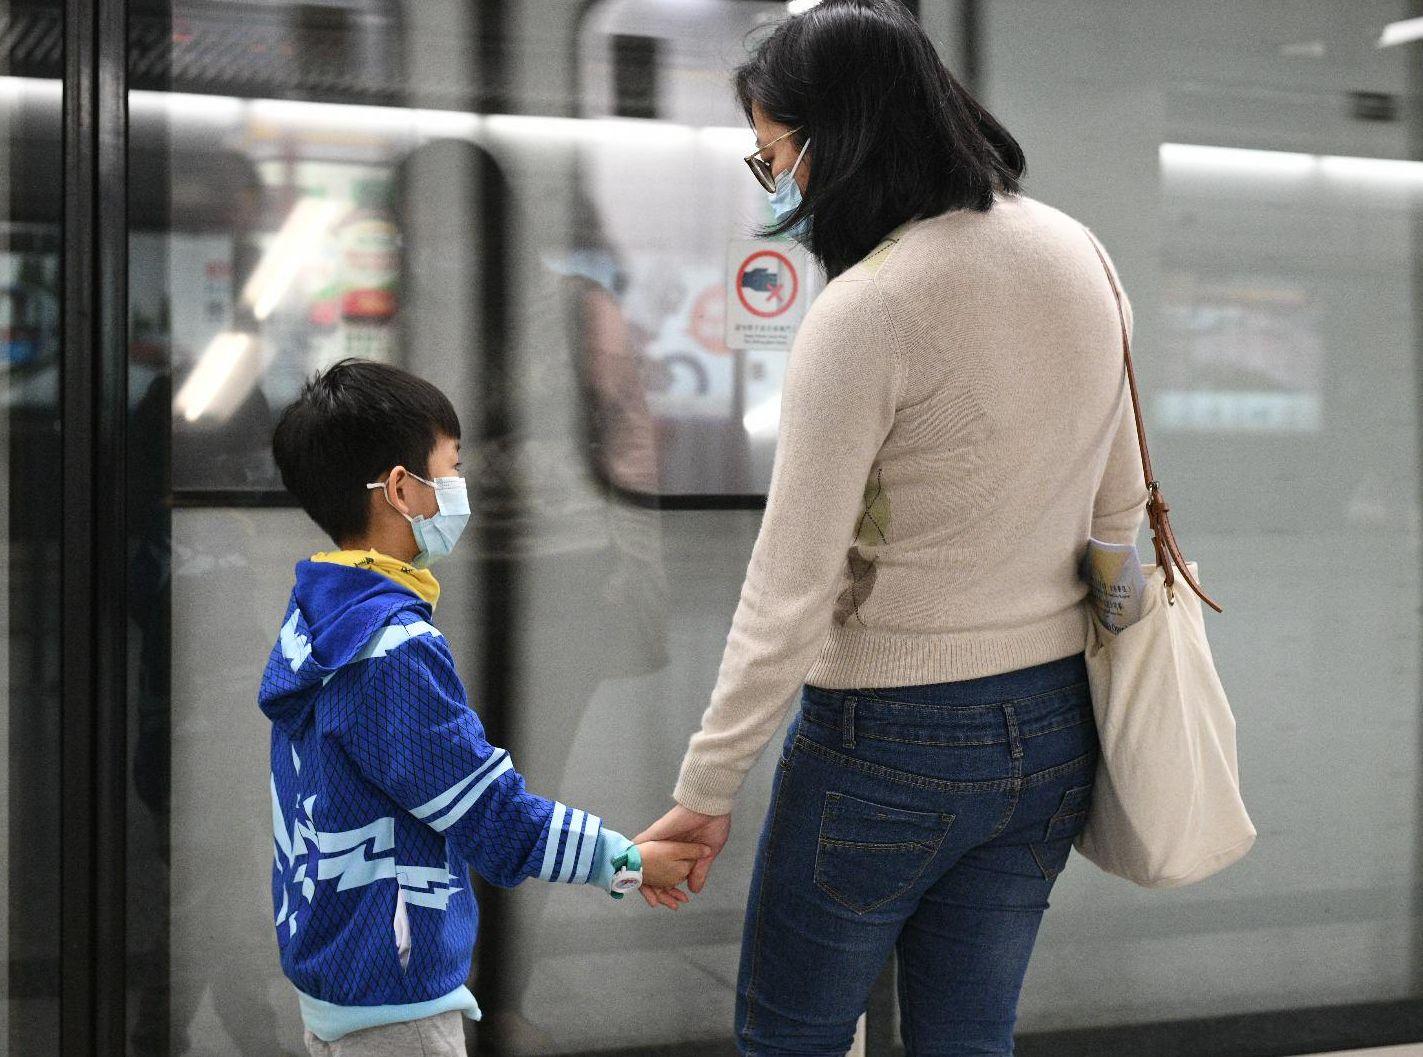 【新冠肺炎】再增6人回港后不适入院 累计67宗